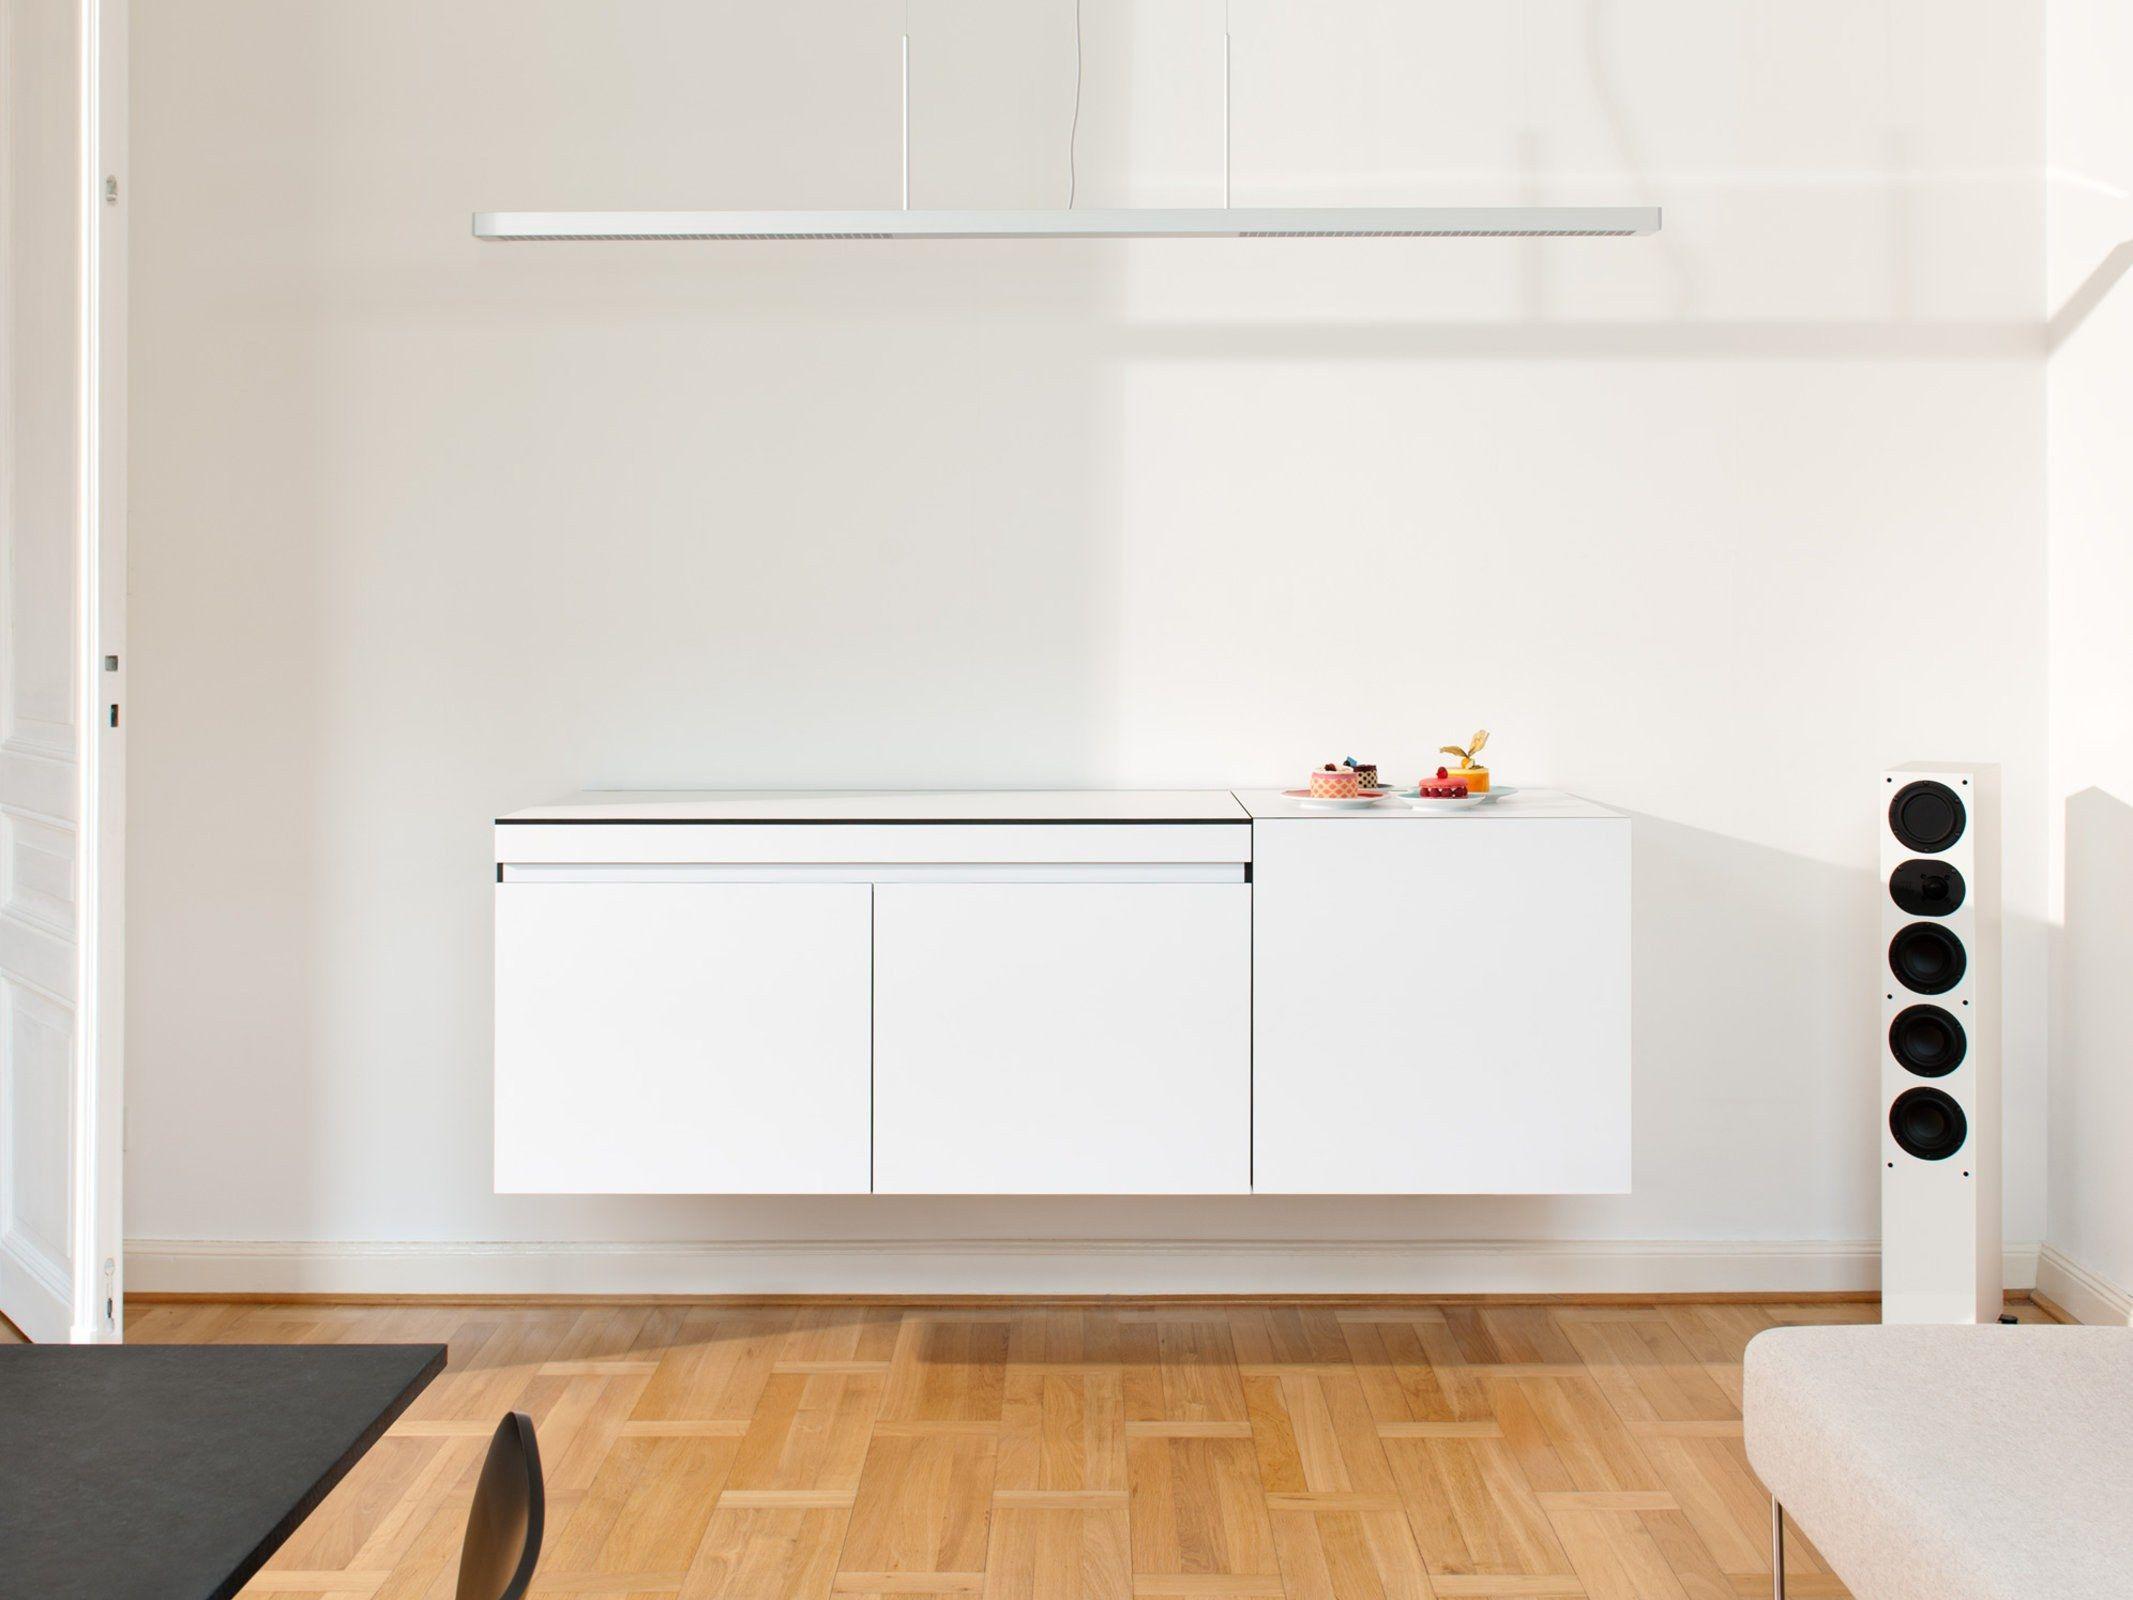 Full Size of Modulküche Edelstahl Modulkche Ikea Massivholz Kche Holz Edelstahlküche Gebraucht Outdoor Küche Garten Wohnzimmer Modulküche Edelstahl